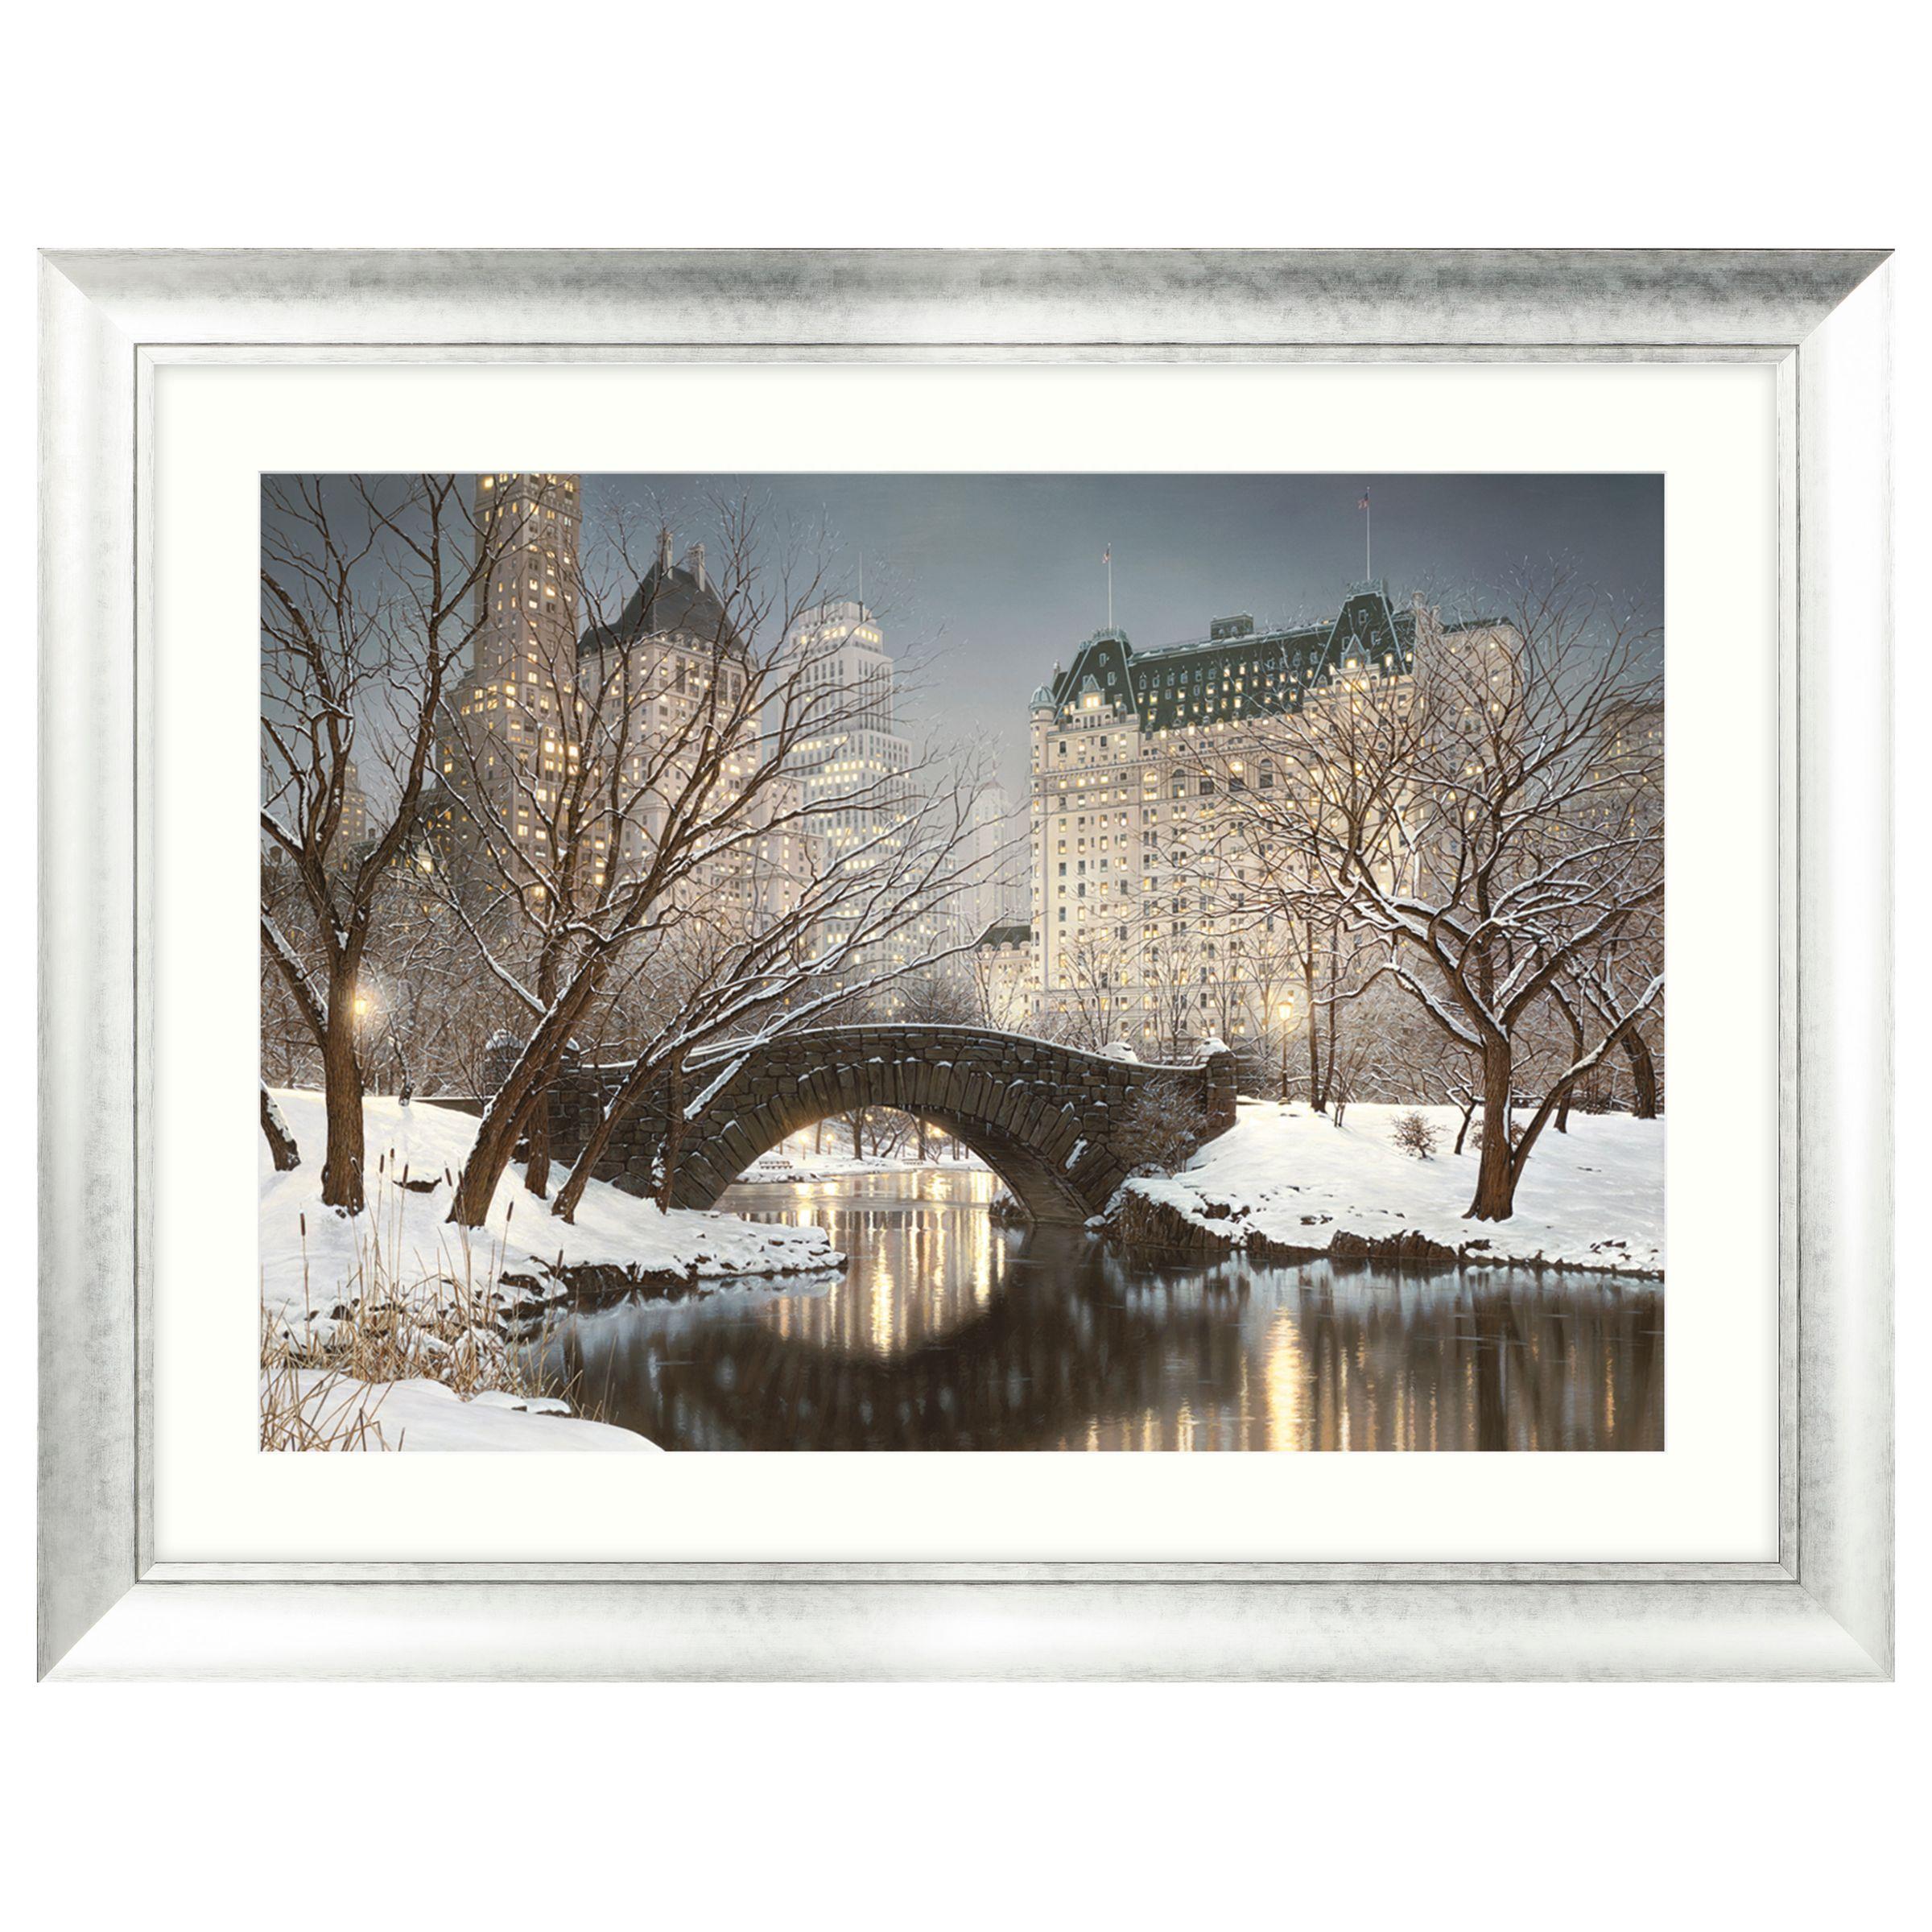 John Lewis Rod Chase - Winter Central Park Framed Print, 86 x 112cm